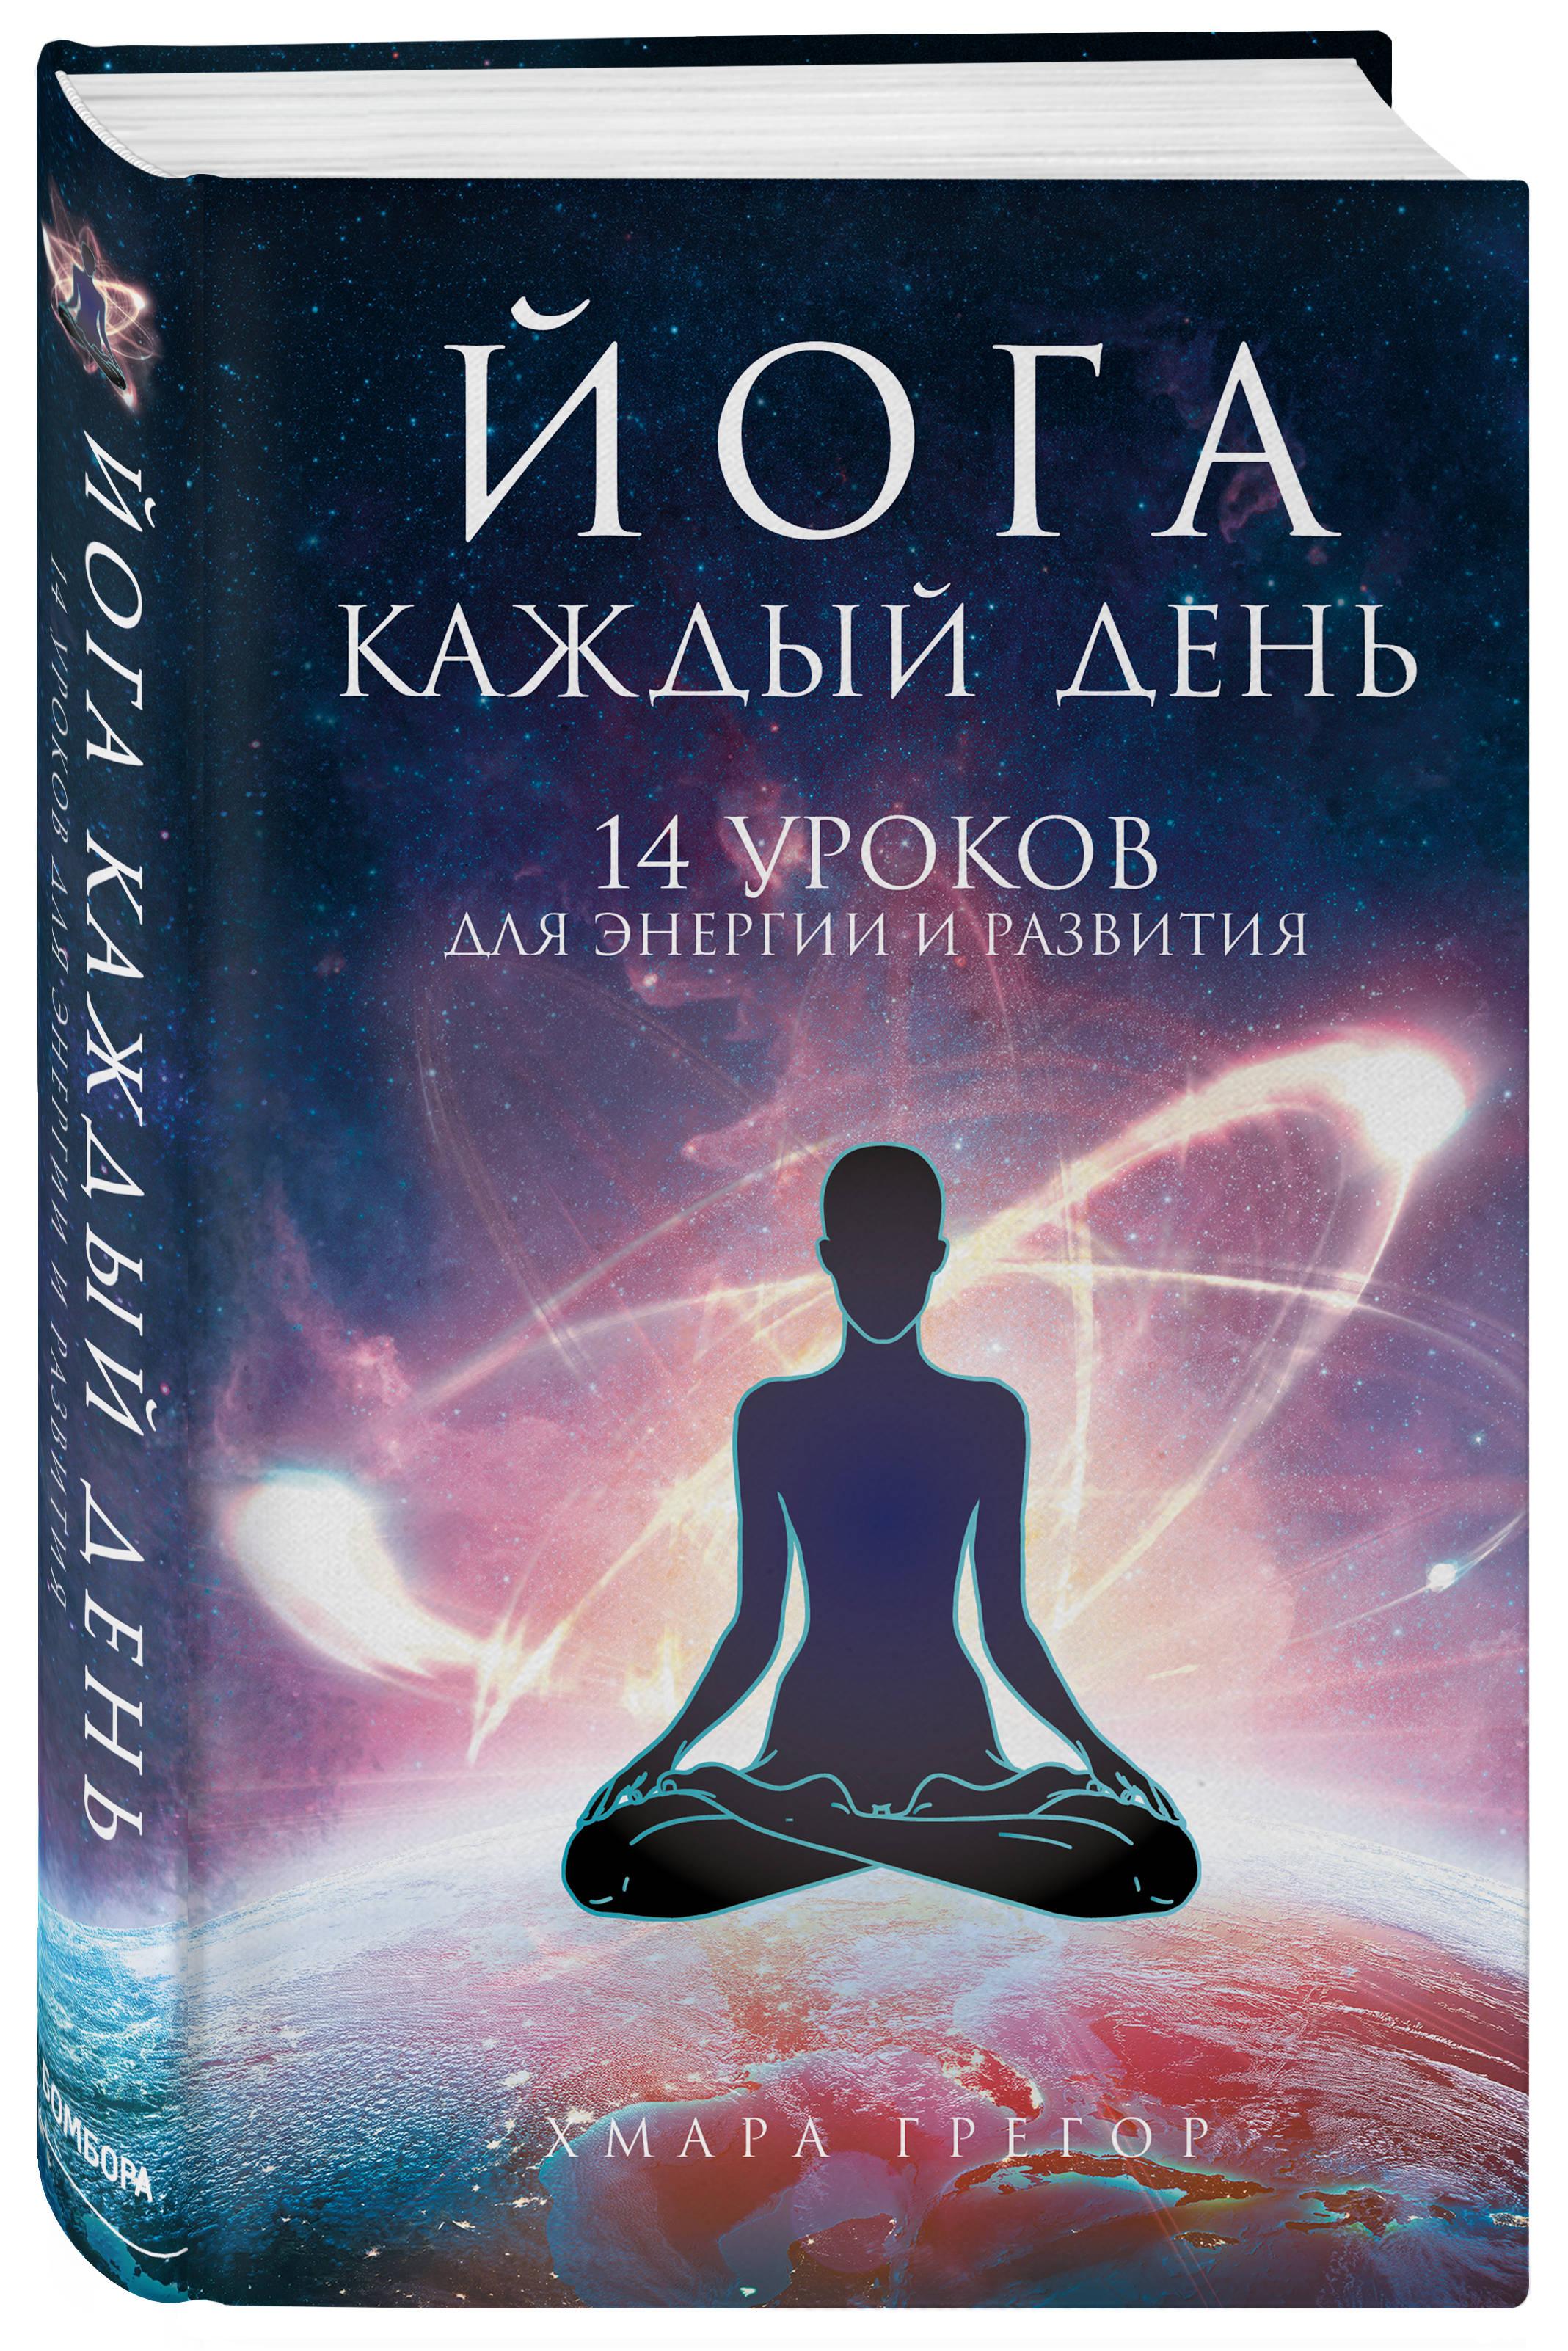 Йога каждый день ( Хмара Грегор Алексеевич  )